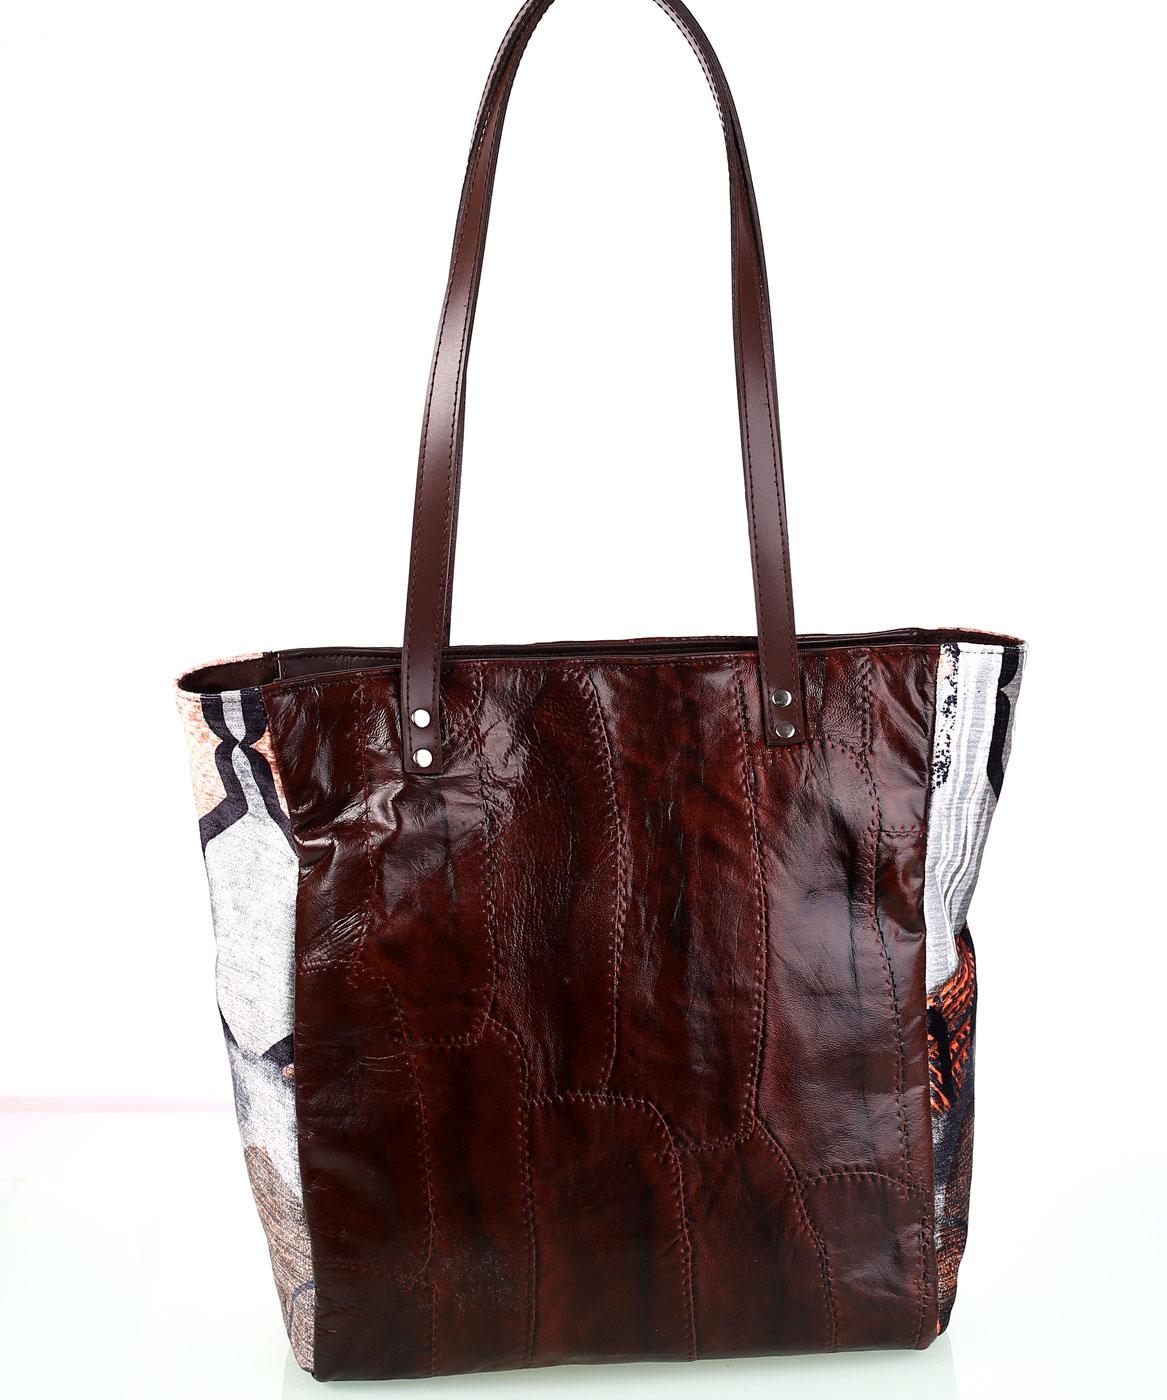 Dámska kabelka z kože a plátna Kbas hnedá 722c64c231b